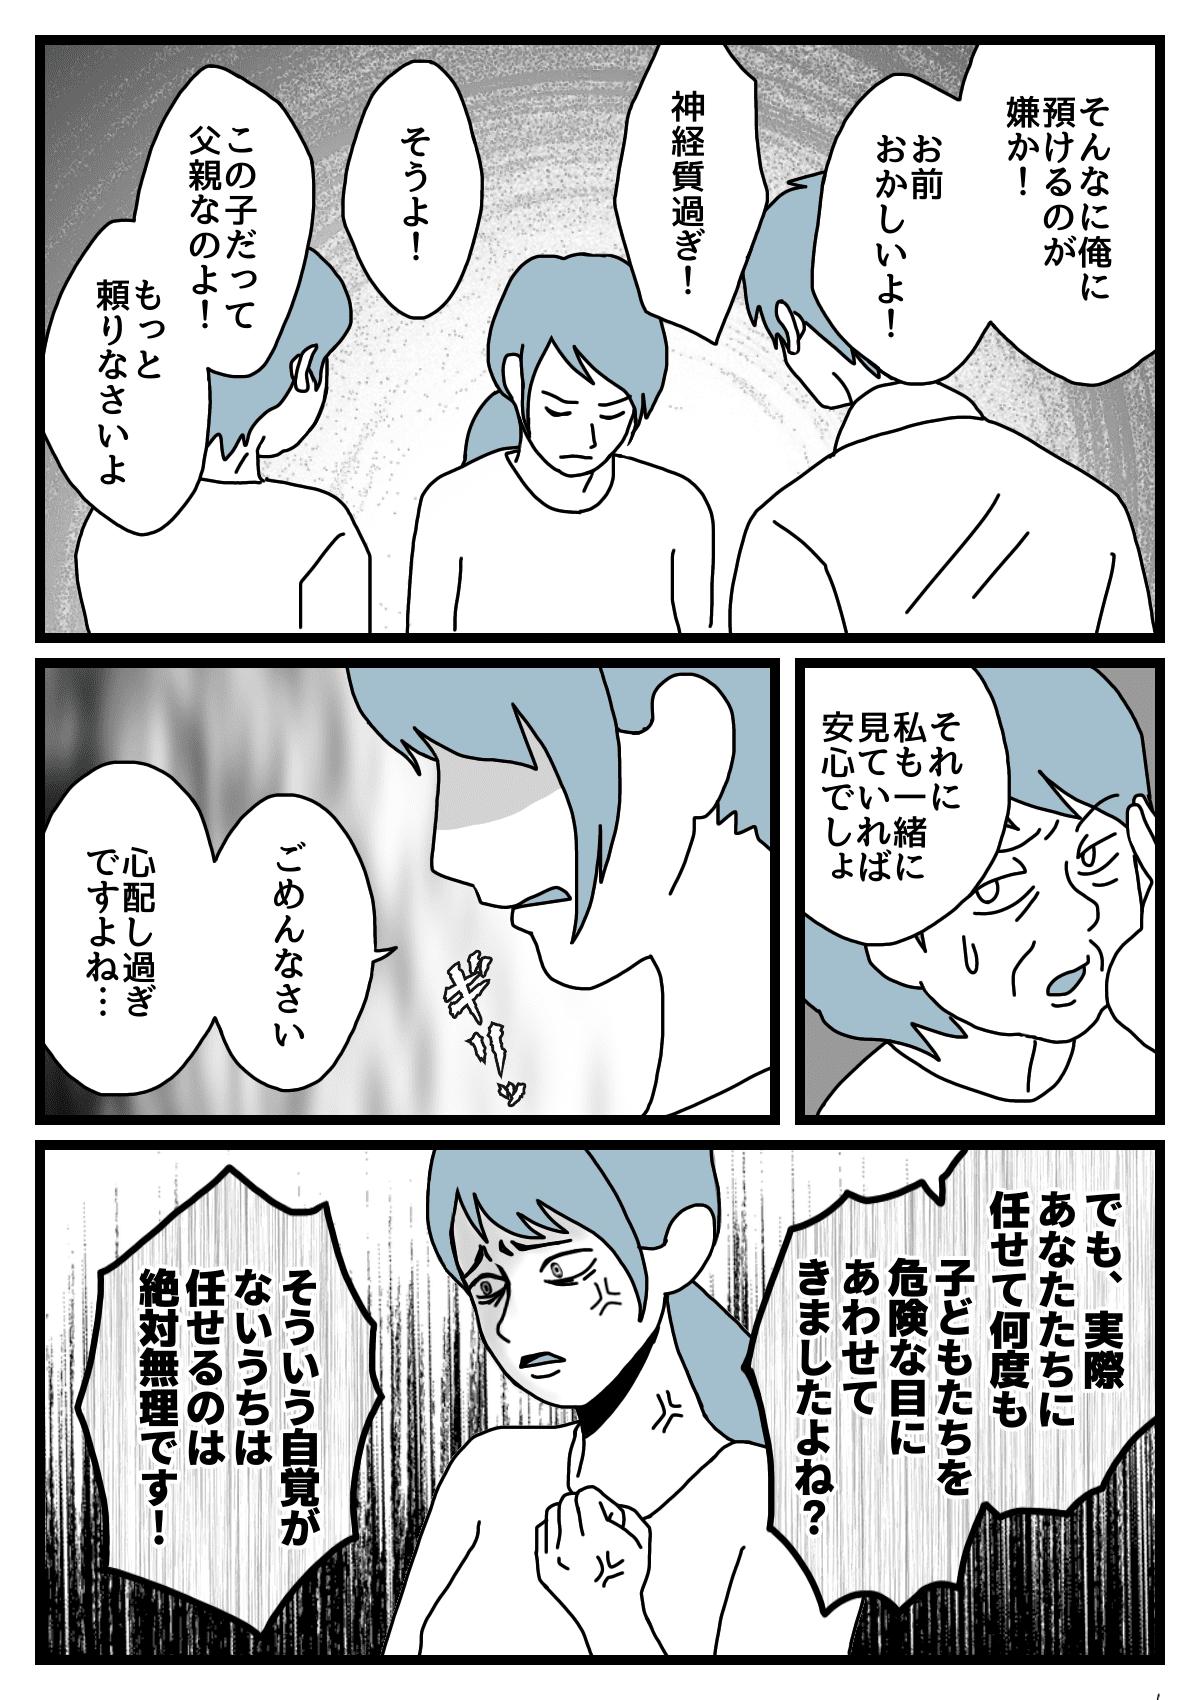 【ダメパパ図鑑64人目】危機意識低すぎ!4